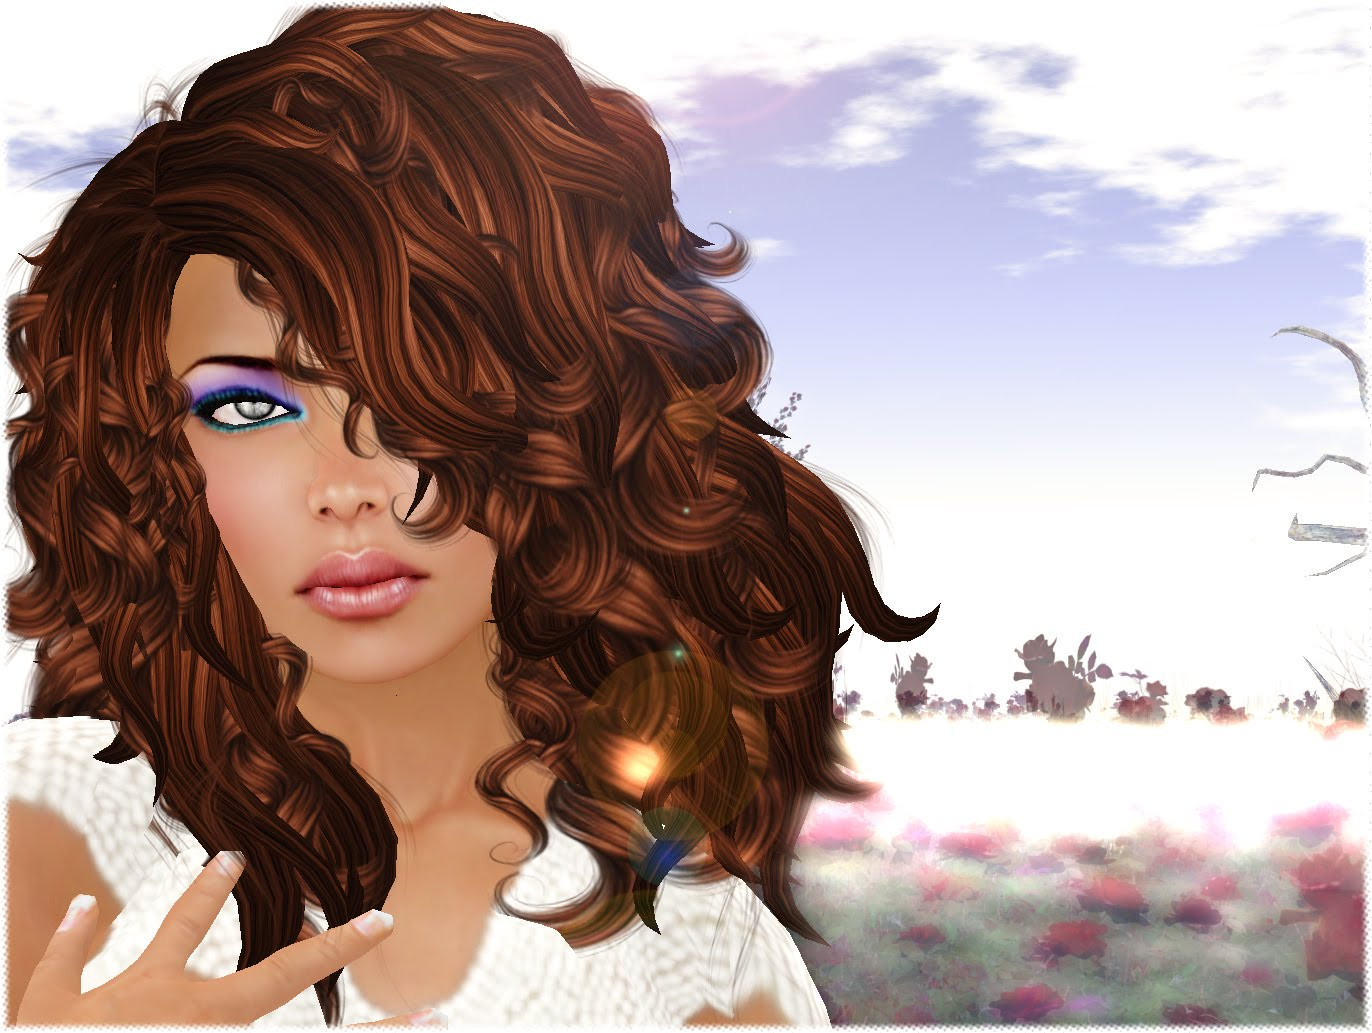 Ilyen vagy valojaban bulizas kozben 226 - Akik Nagyon J Hajat Keresnek Avat Rjuknak Azoknak A Hair Fair 2010 Rendezv Nyt Javasoljuk Itt Is A Legjobb Hajszobr Szok Mutatj K Be M Veiket Eg Szen